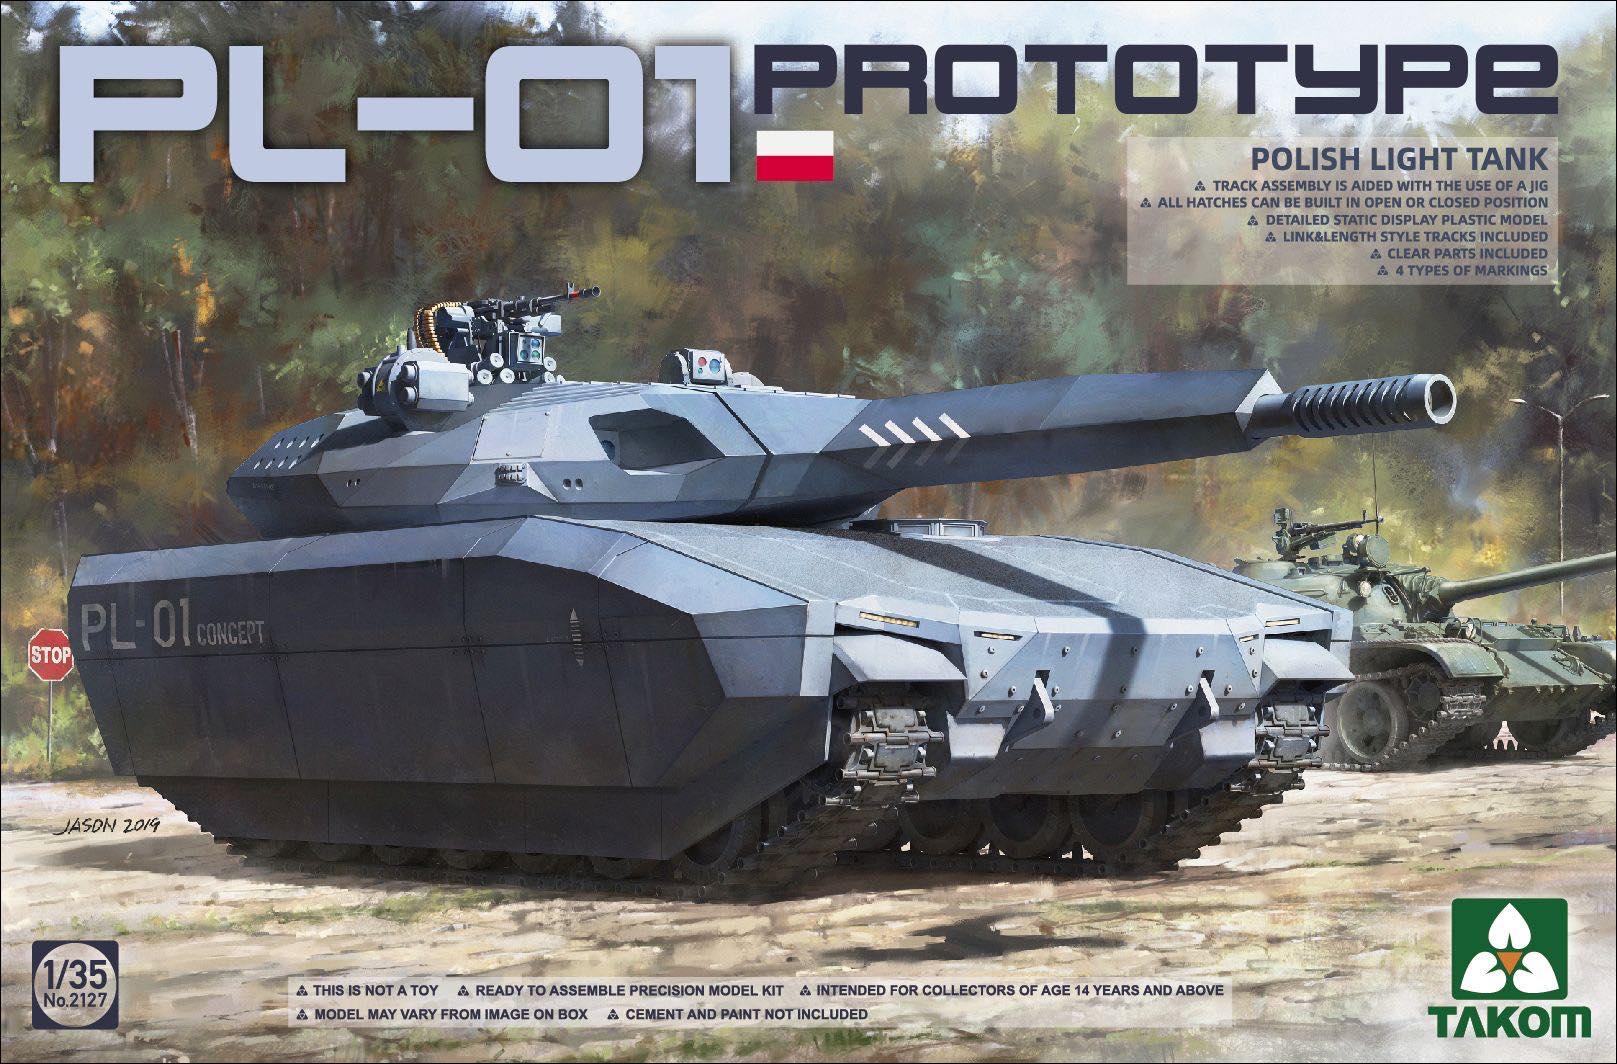 1/35 PL-01 Polish Light Tank Prototype #2127